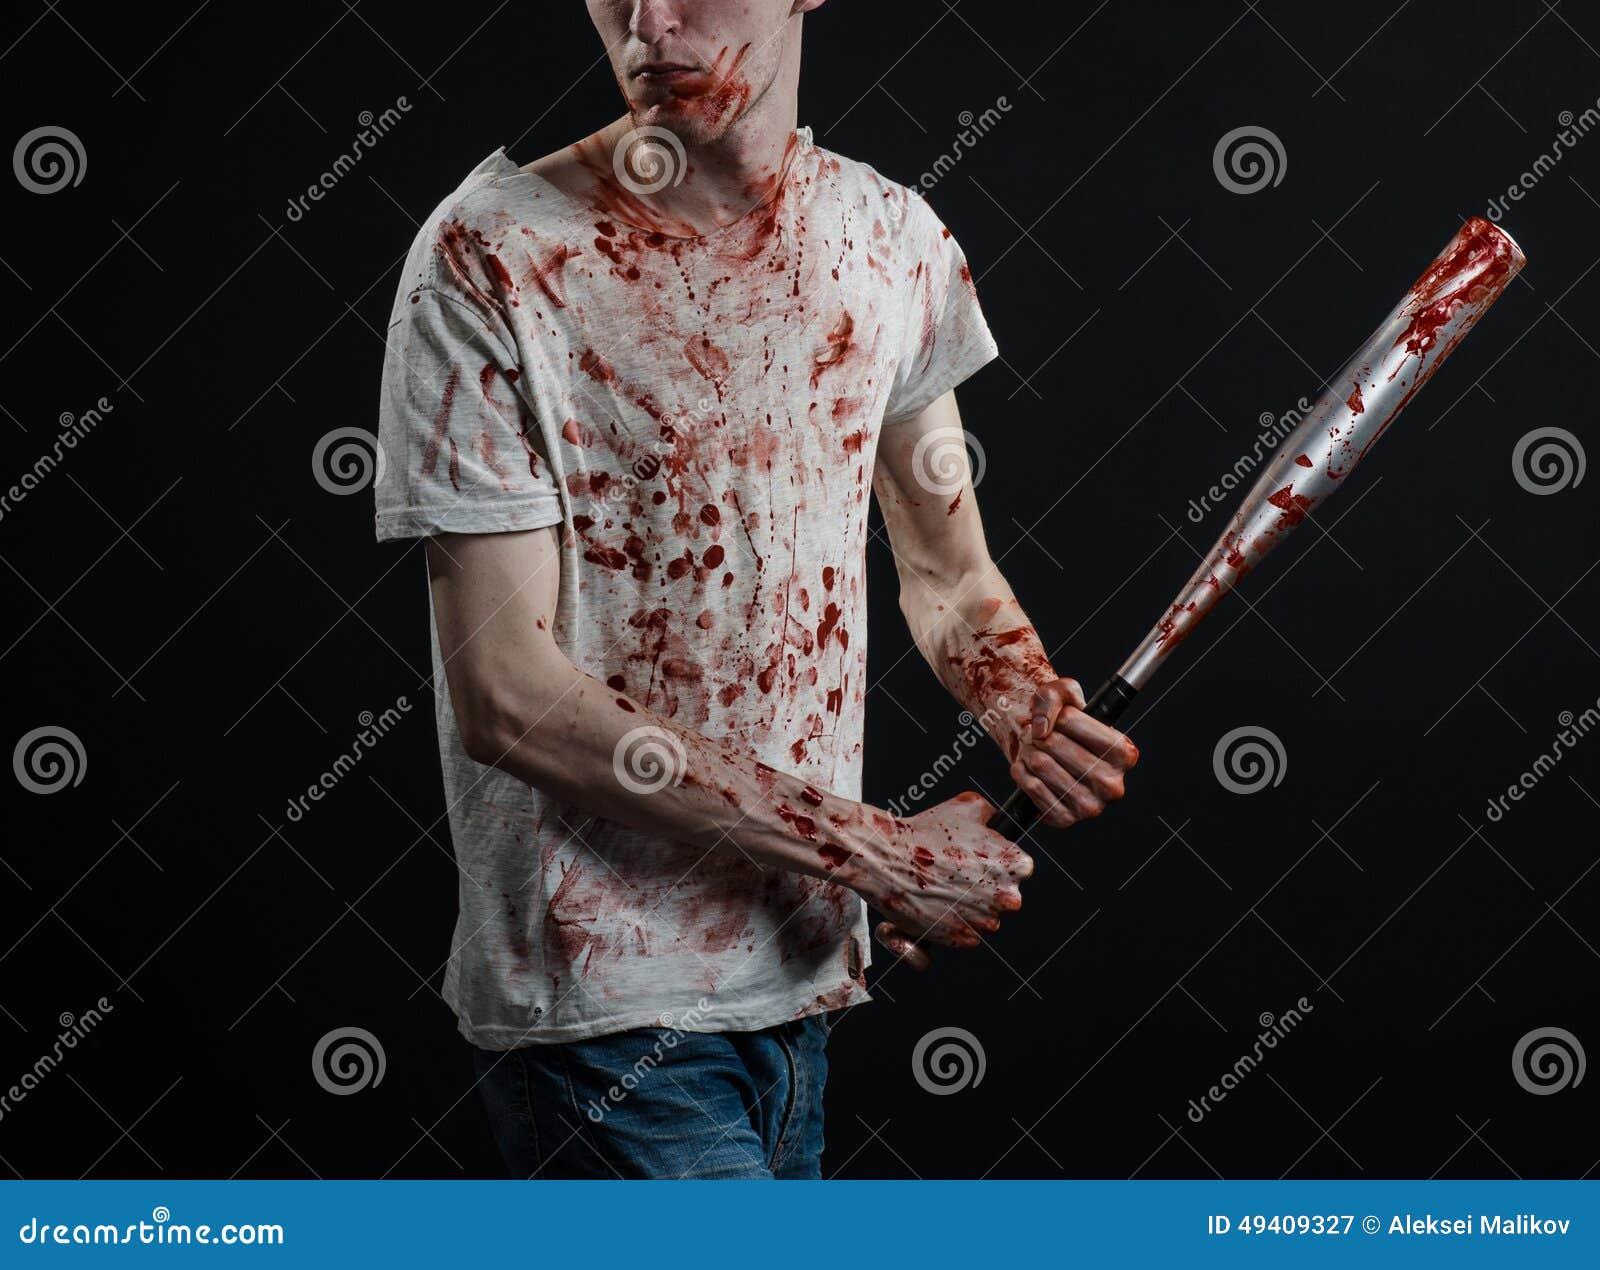 Download Blutiges Thema: Der Kerl In Einem Blutigen T-Shirt, Das Einen Blutigen Schläger Auf Einem Schwarzen Hintergrund Hält Stockbild - Bild von verbrechen, kampf: 49409327